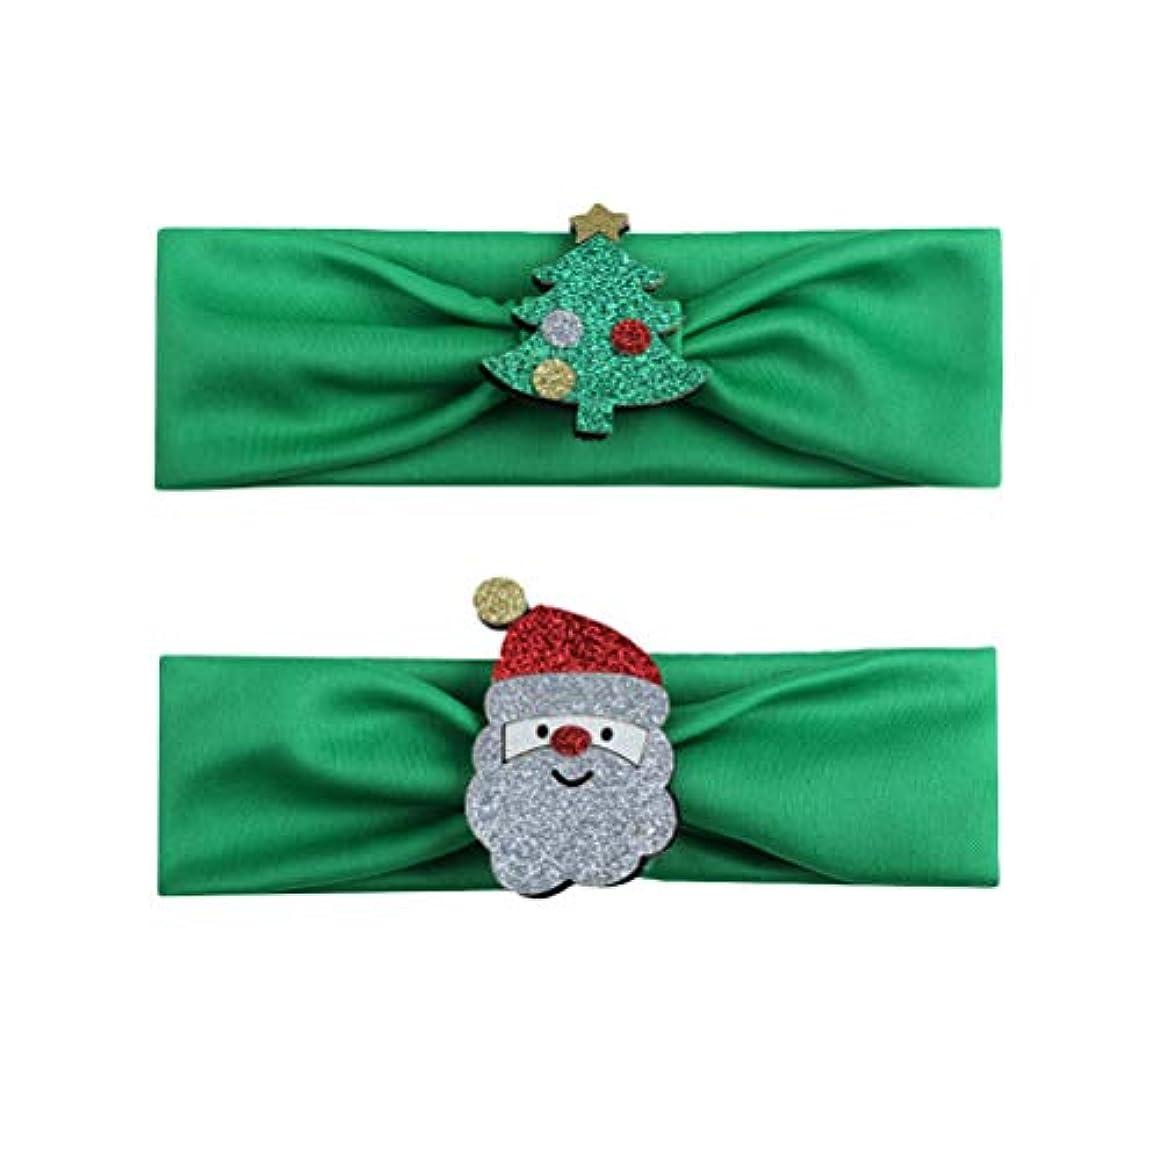 担当者民兵出席BESTOYARD 2本の赤ちゃんの少女クリスマスのヘッドバンド、クリスマスツリーサンタクロースの幼児ヘアバンドアクセサリー(グリーン)